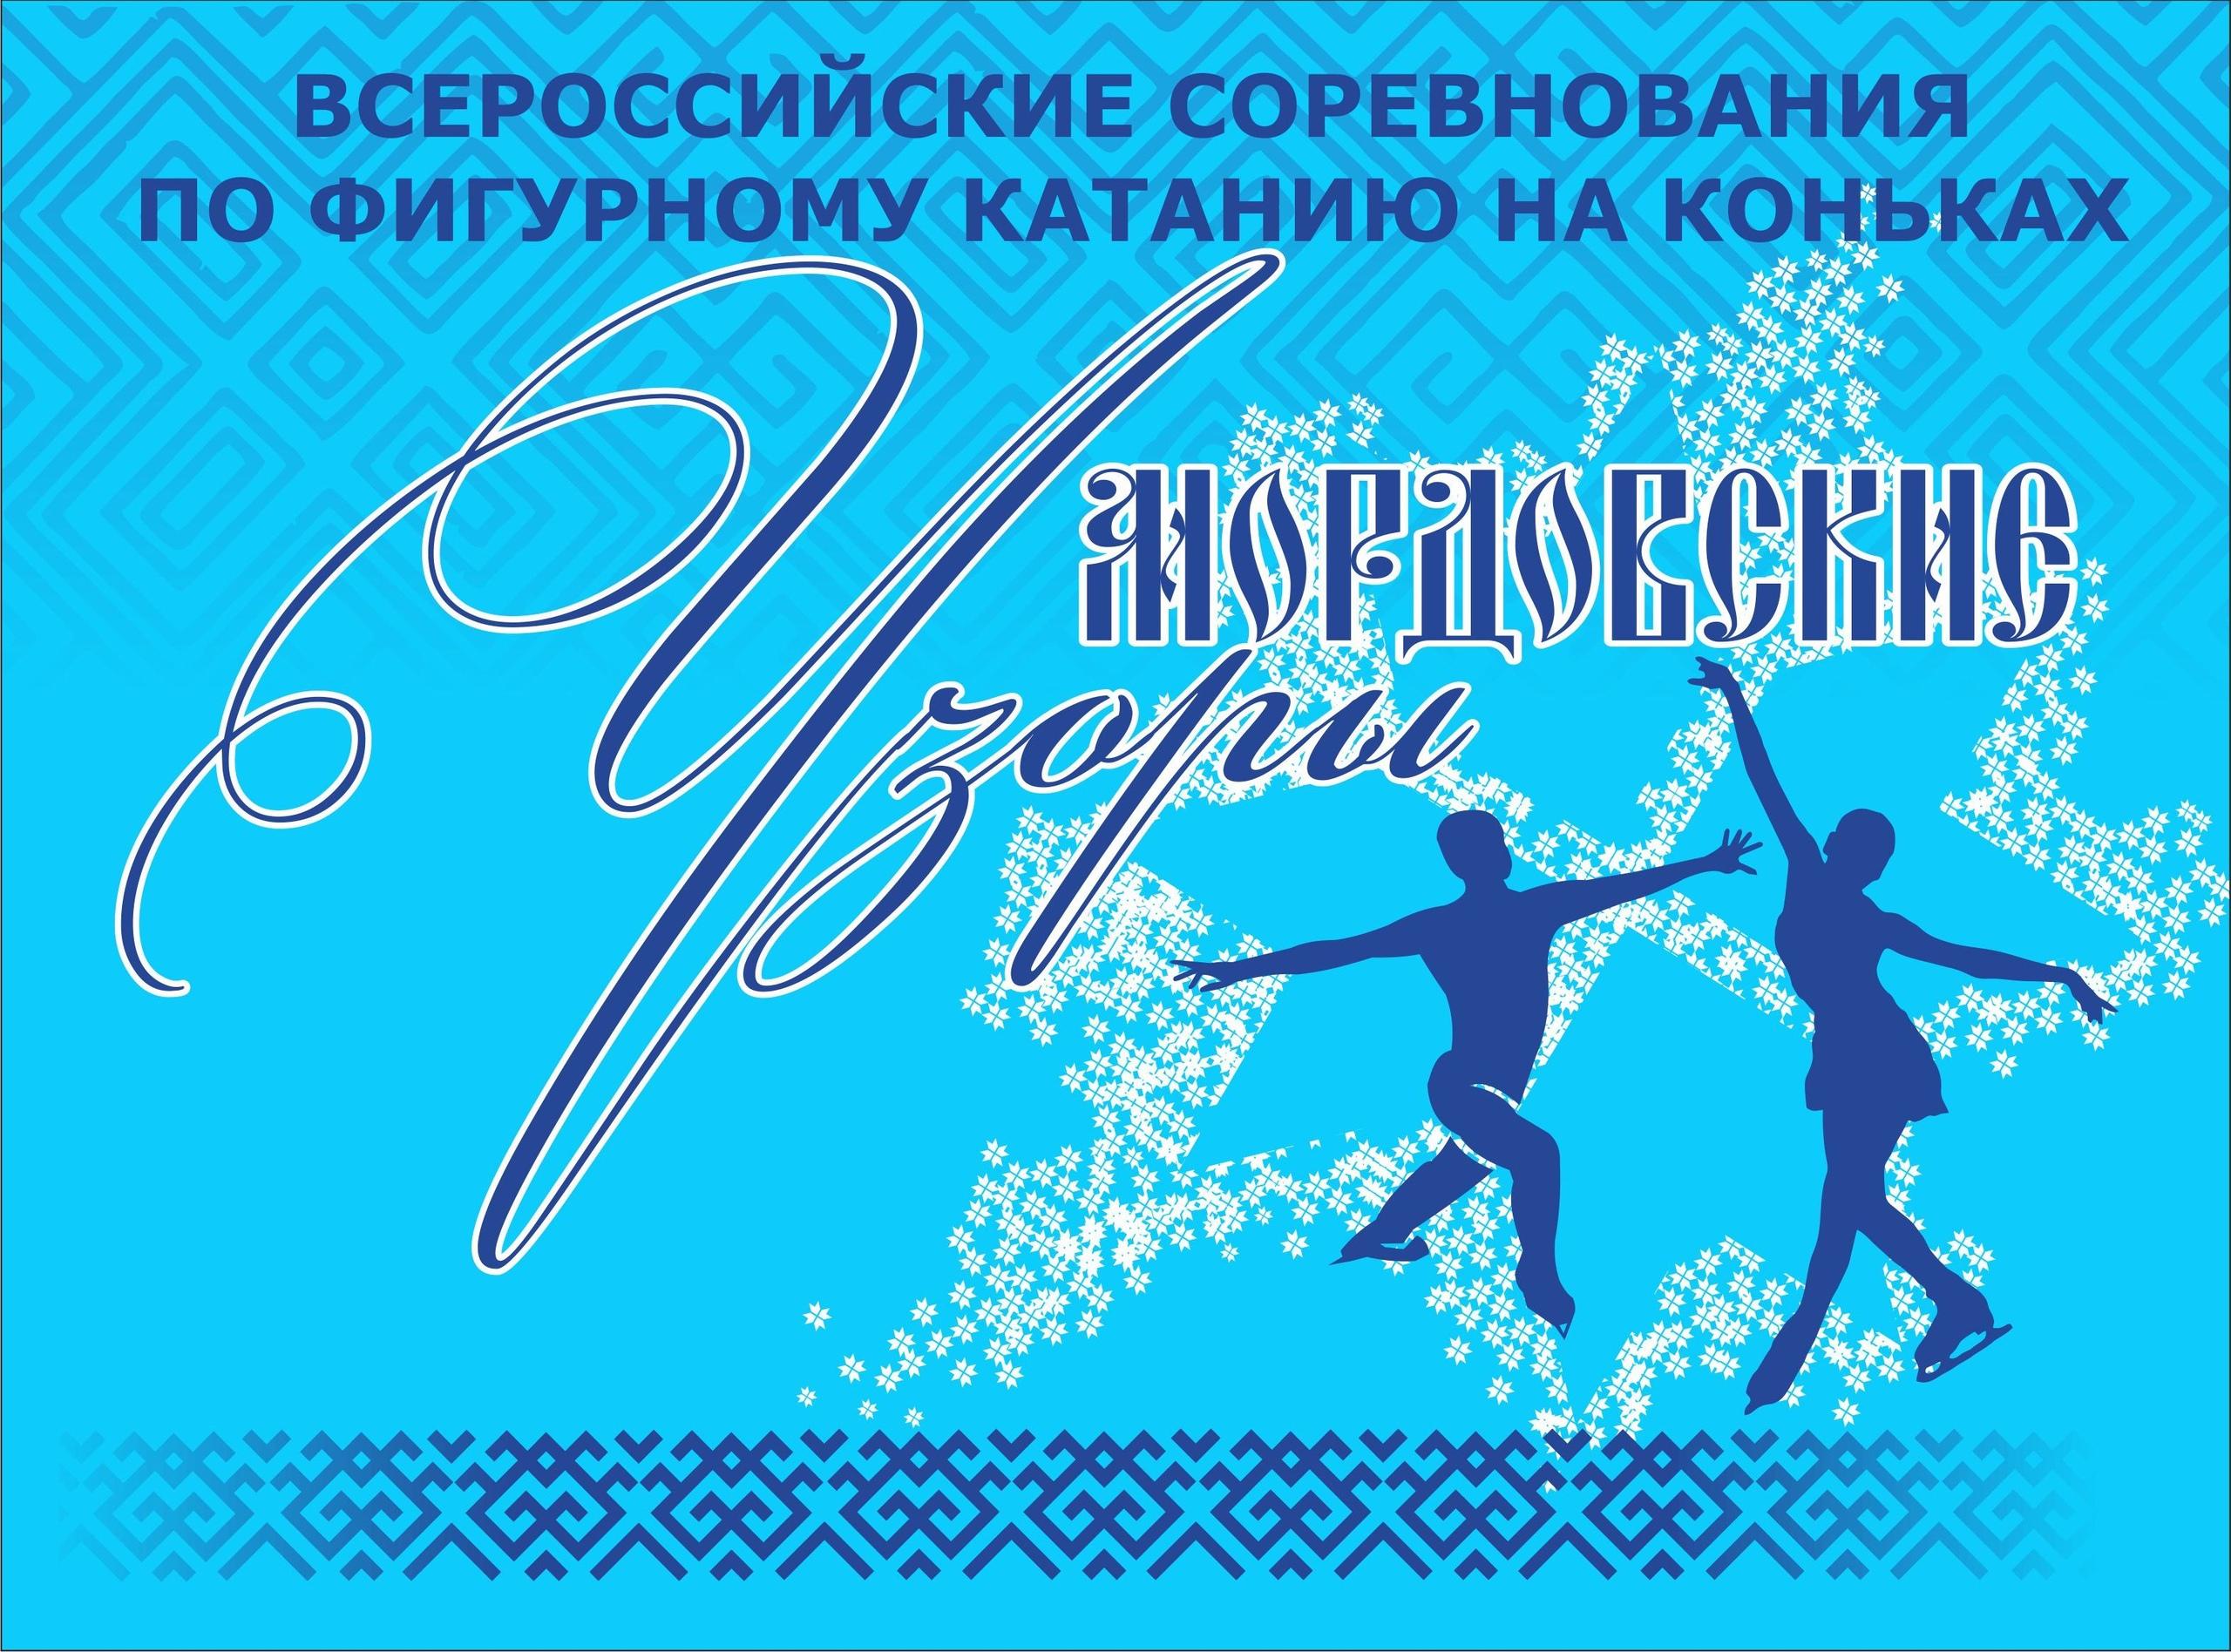 Российские соревнования сезона 2018-2019 (общая) - Страница 11 2Qiw31RKWc8